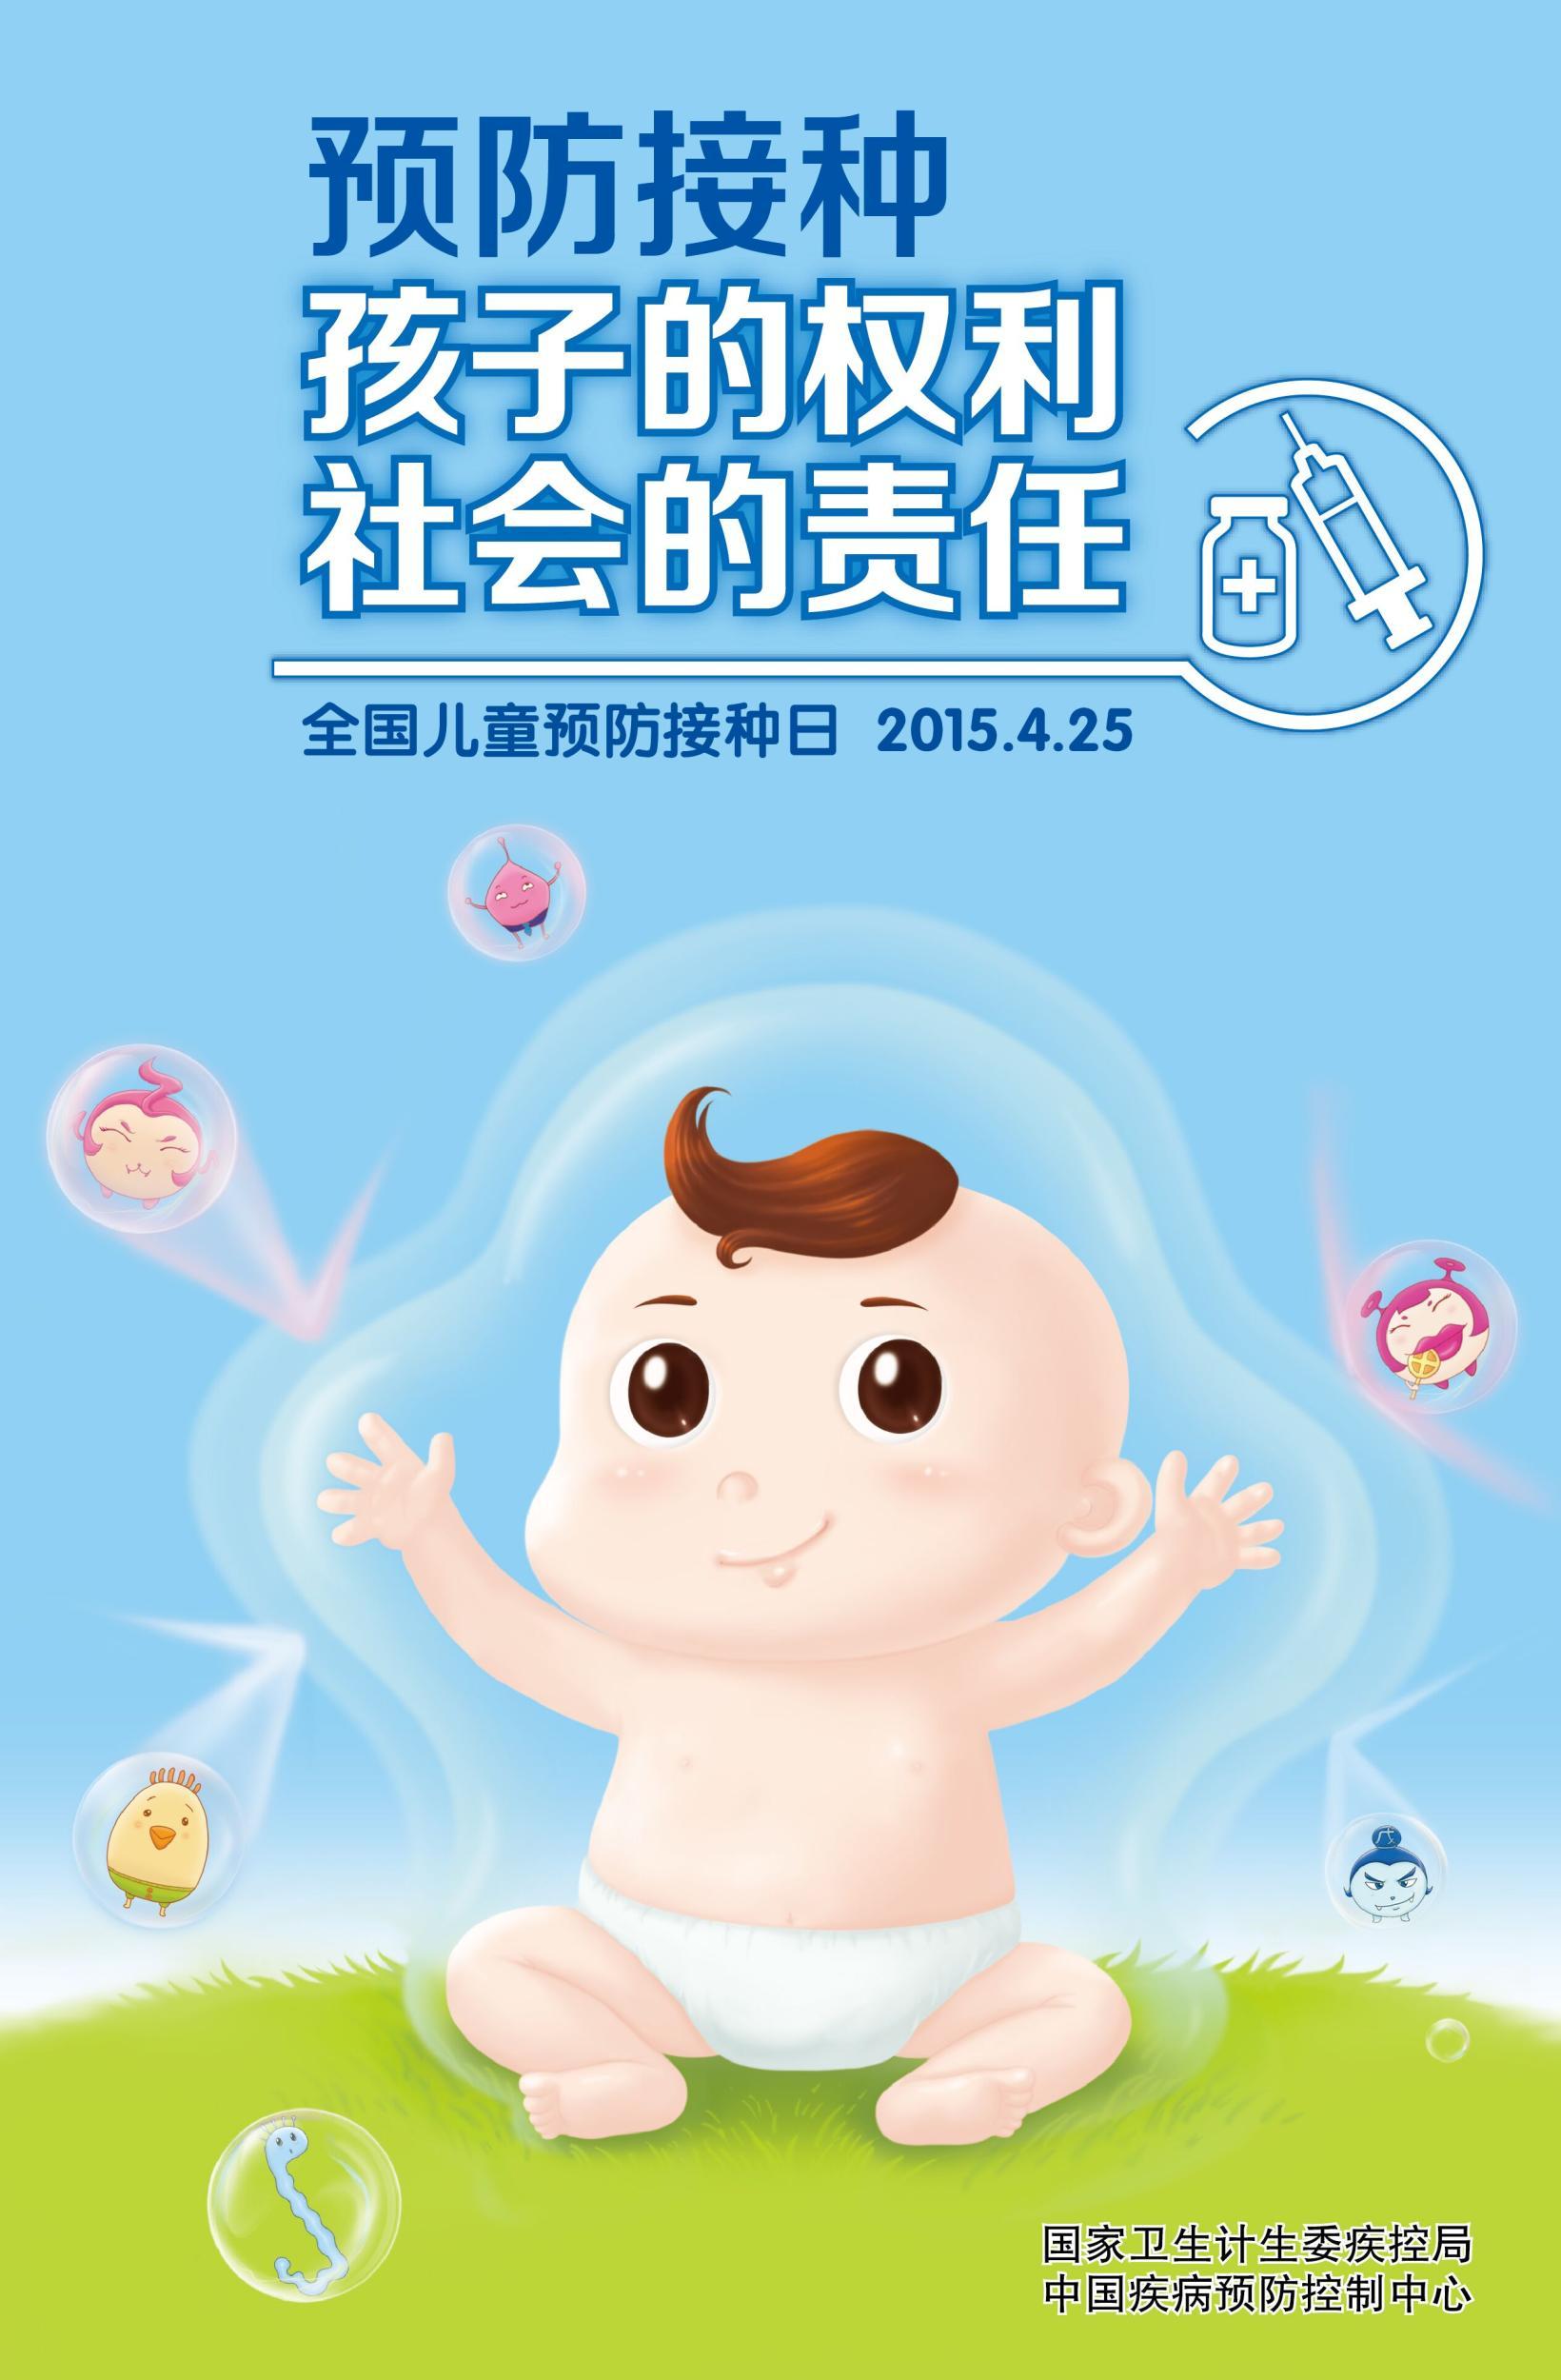 2015年全国儿童预防接种日宣传主题和海报确定